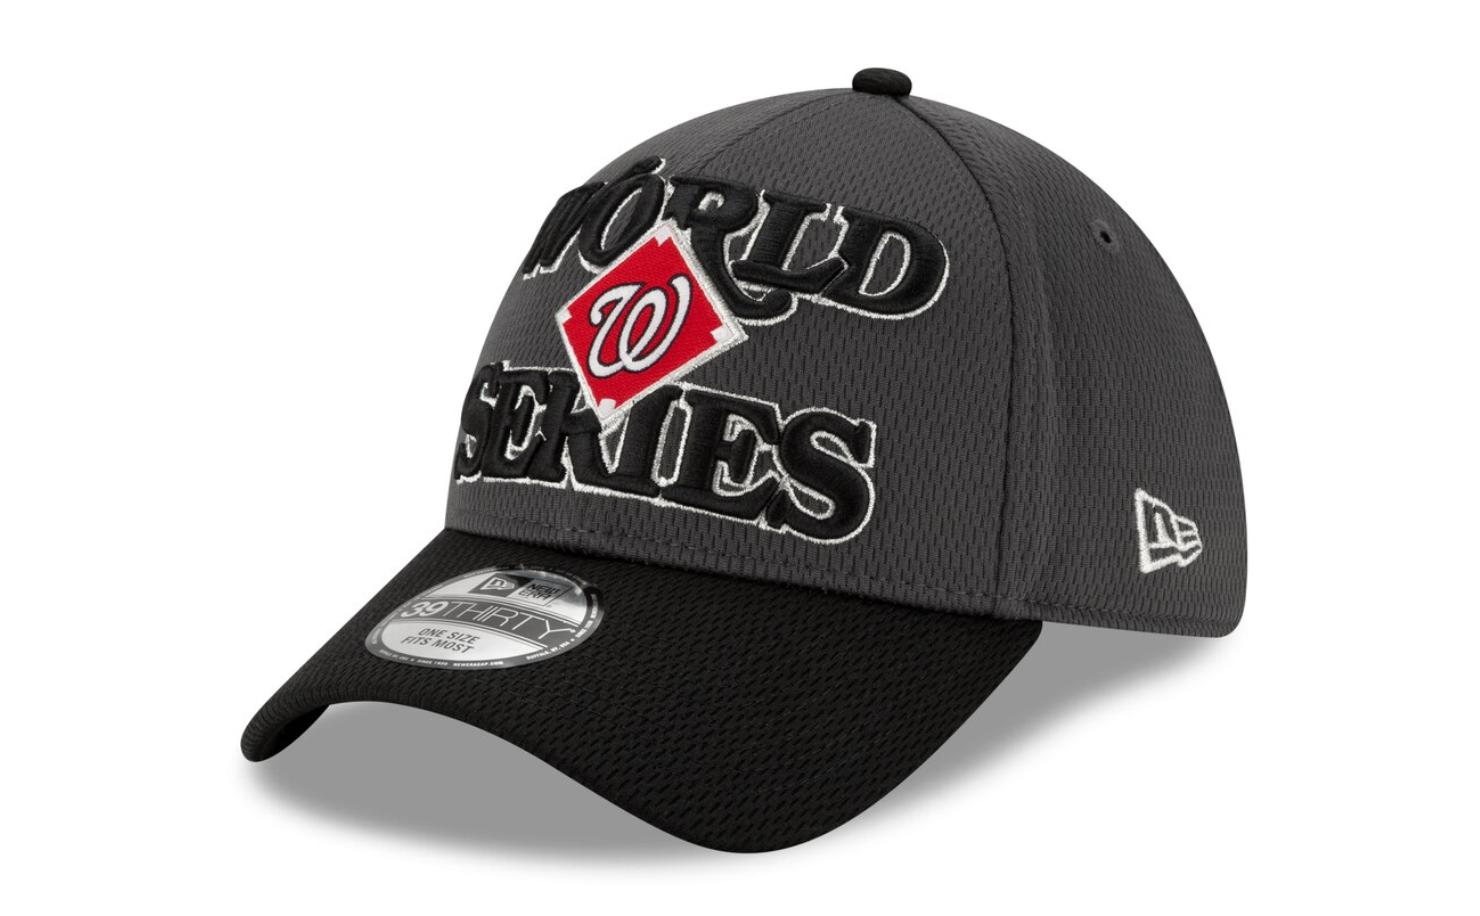 nats gear championship cap